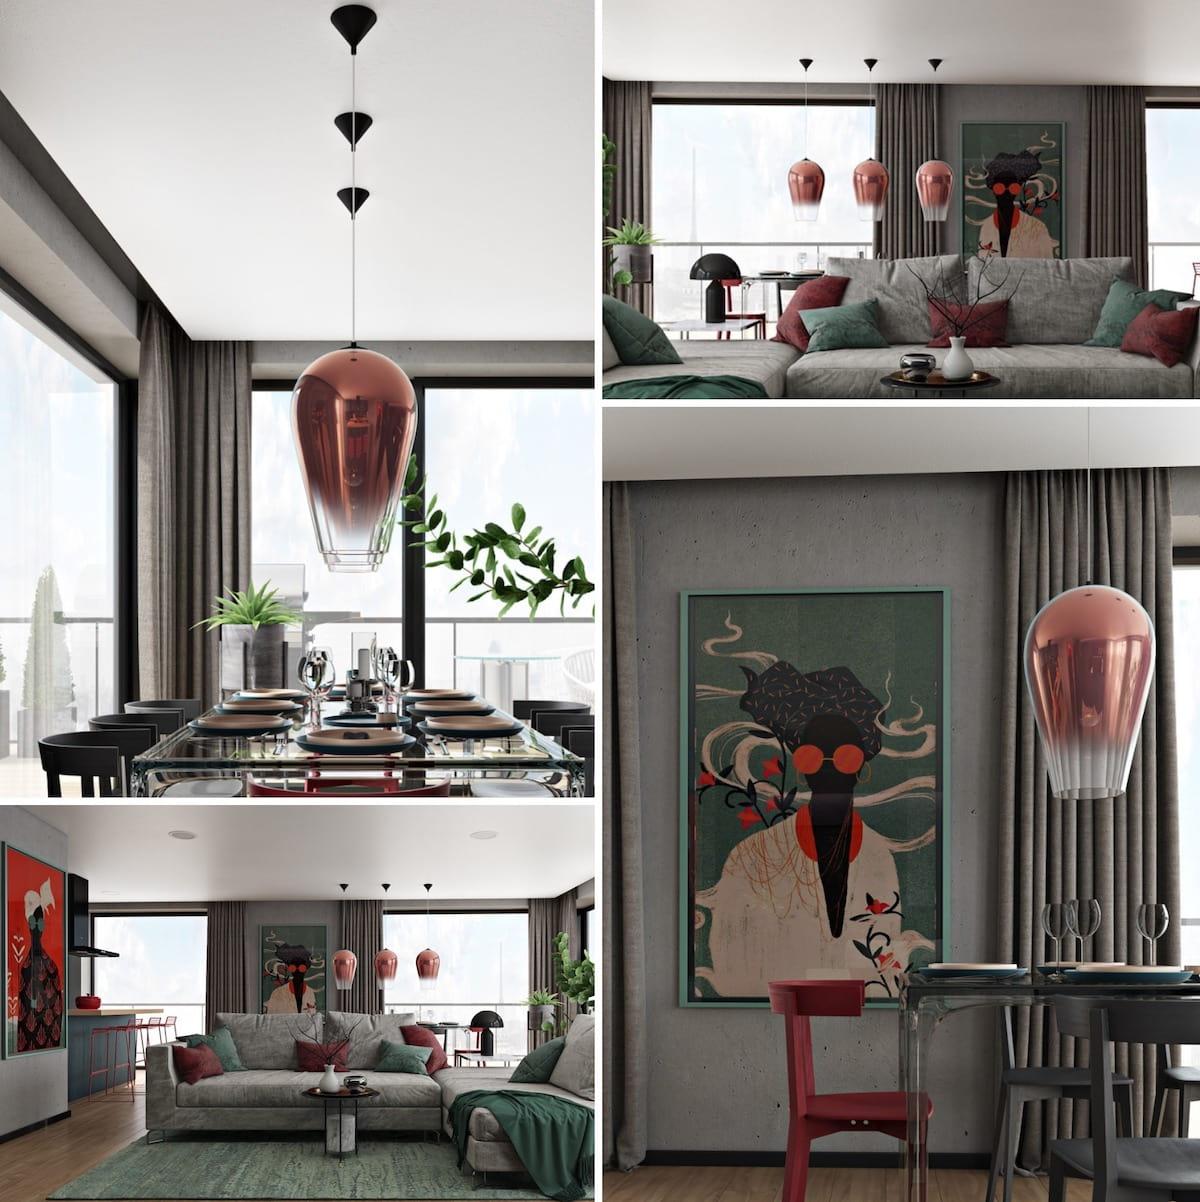 Современные тенденции оформления интерьеров прослеживаются в каждом сантиметры этой комнаты